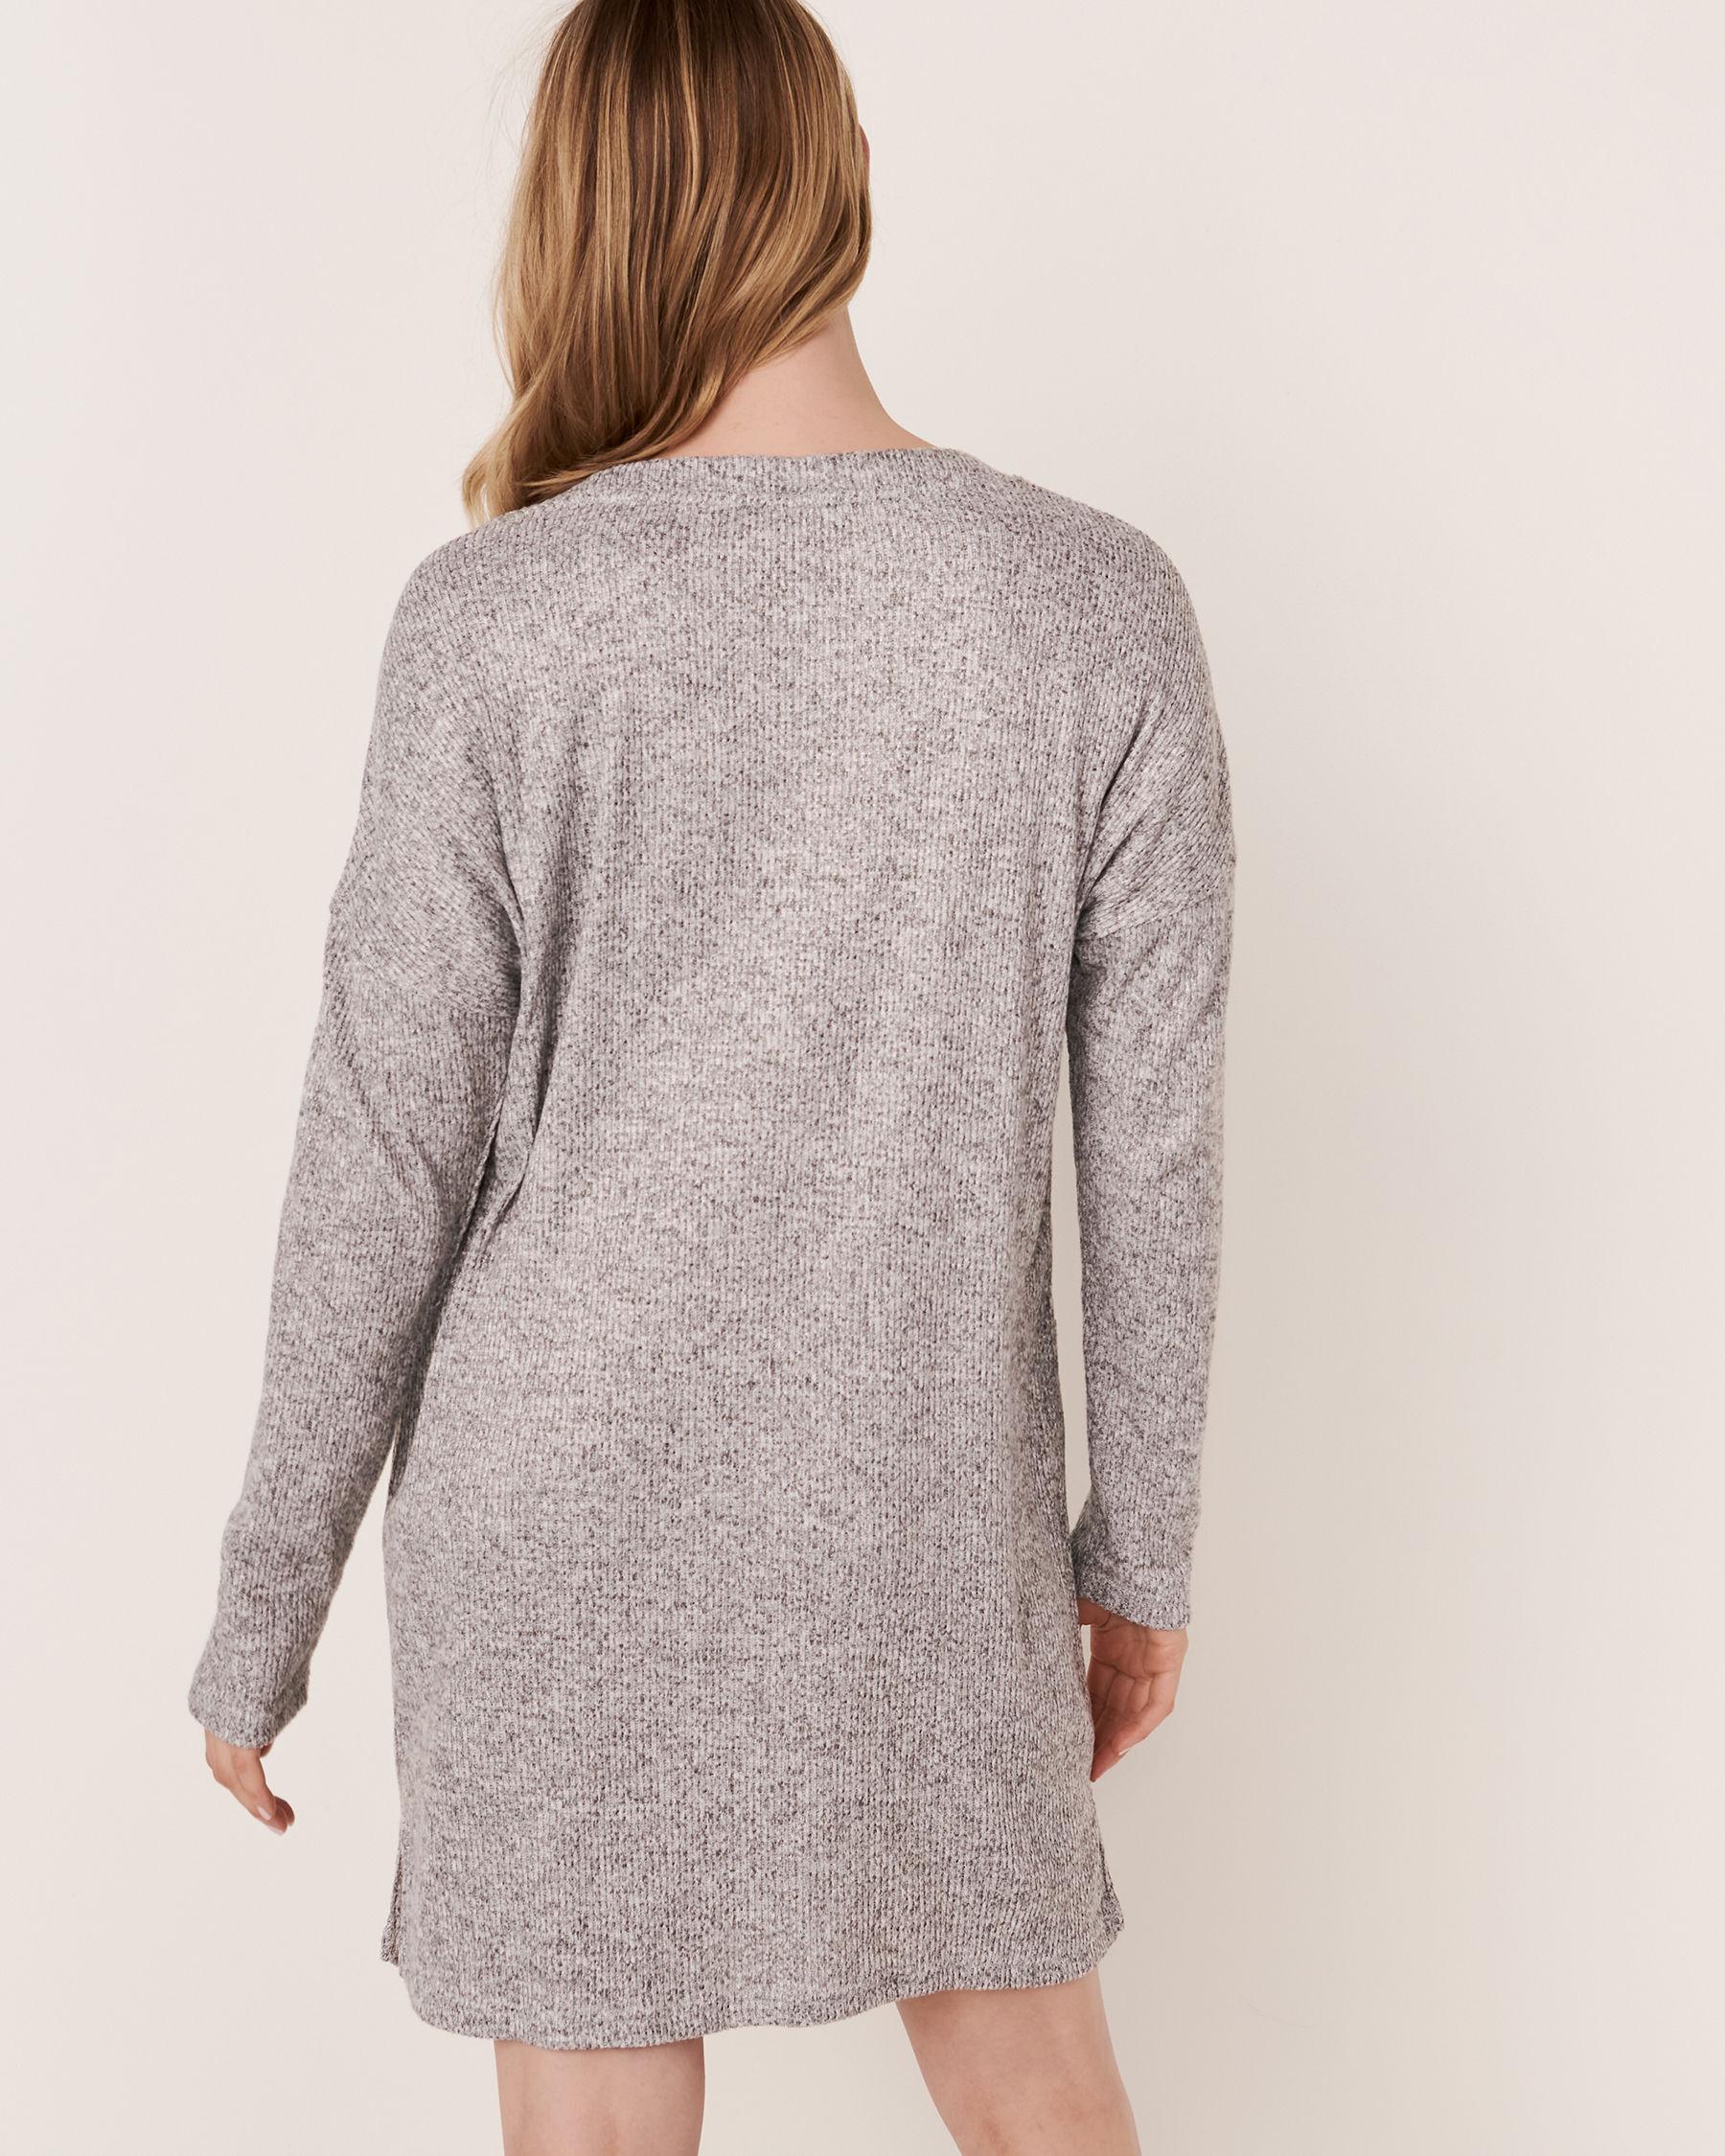 LA VIE EN ROSE Ribbed Long Sleeve Dress Grey 50400008 - View2